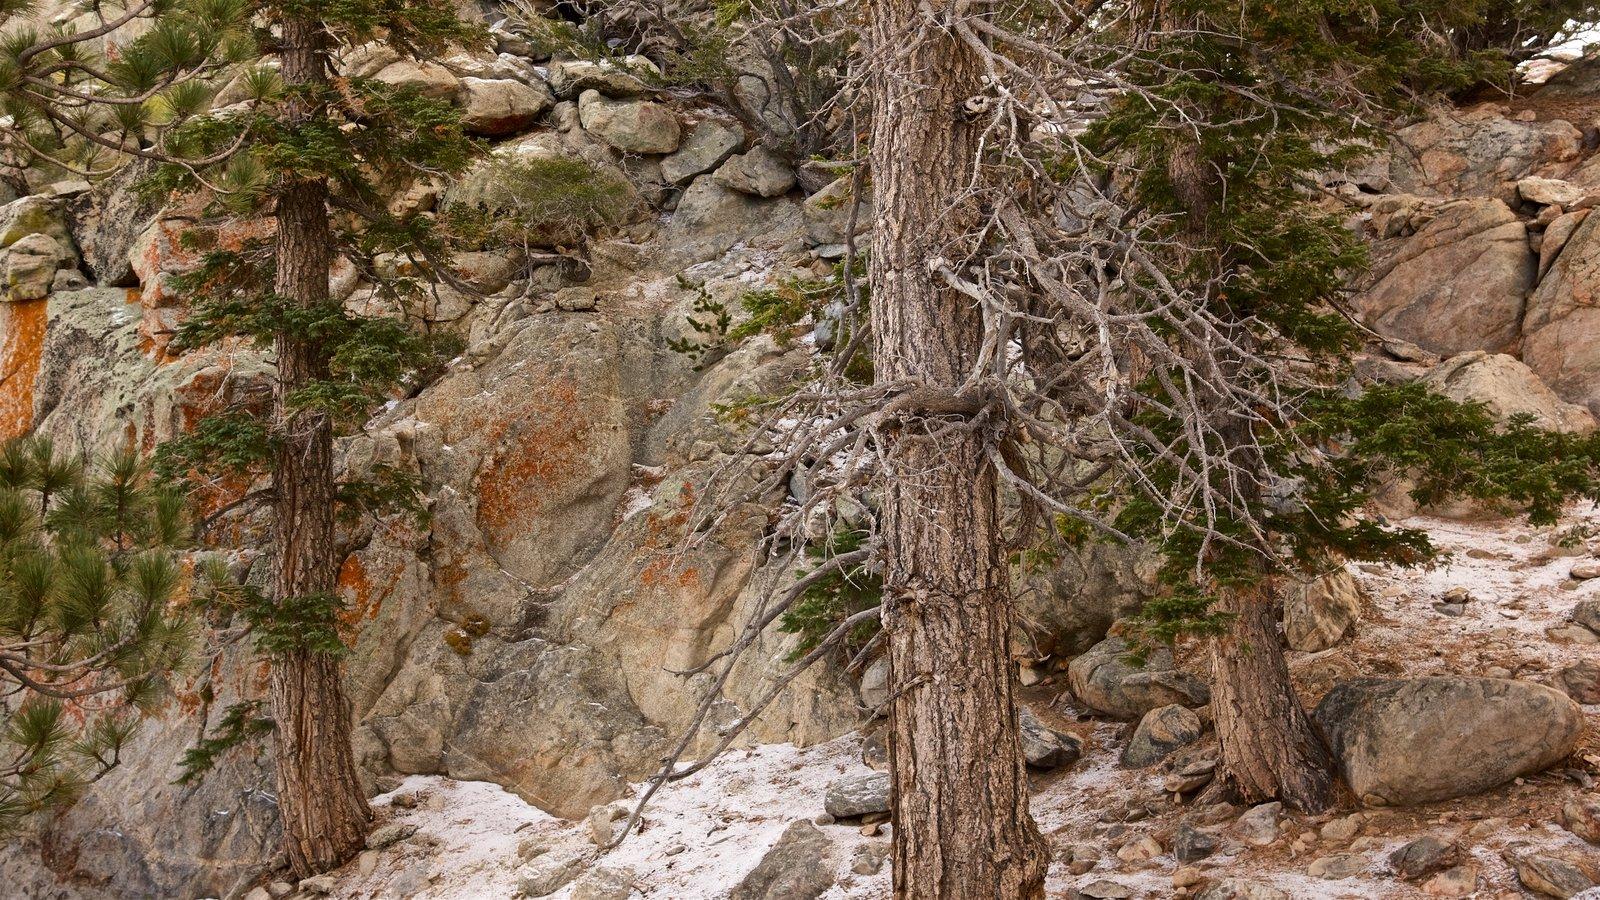 Parque estatal Mount San Jacinto que incluye montañas